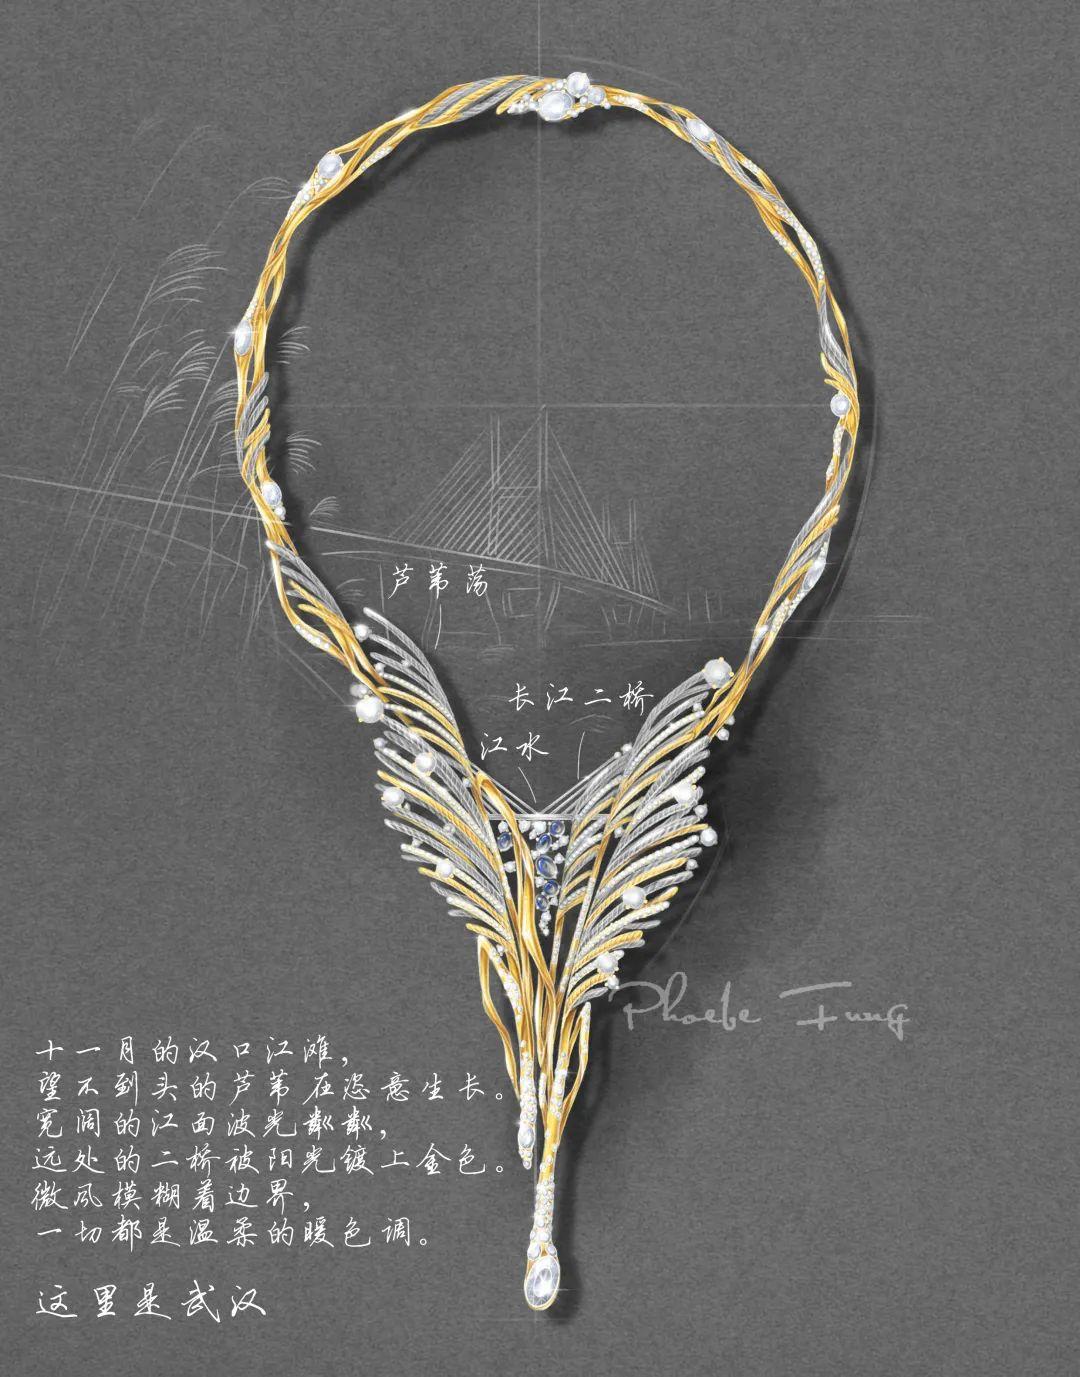 中国地质大学的珠宝设计研究生院难不难考?